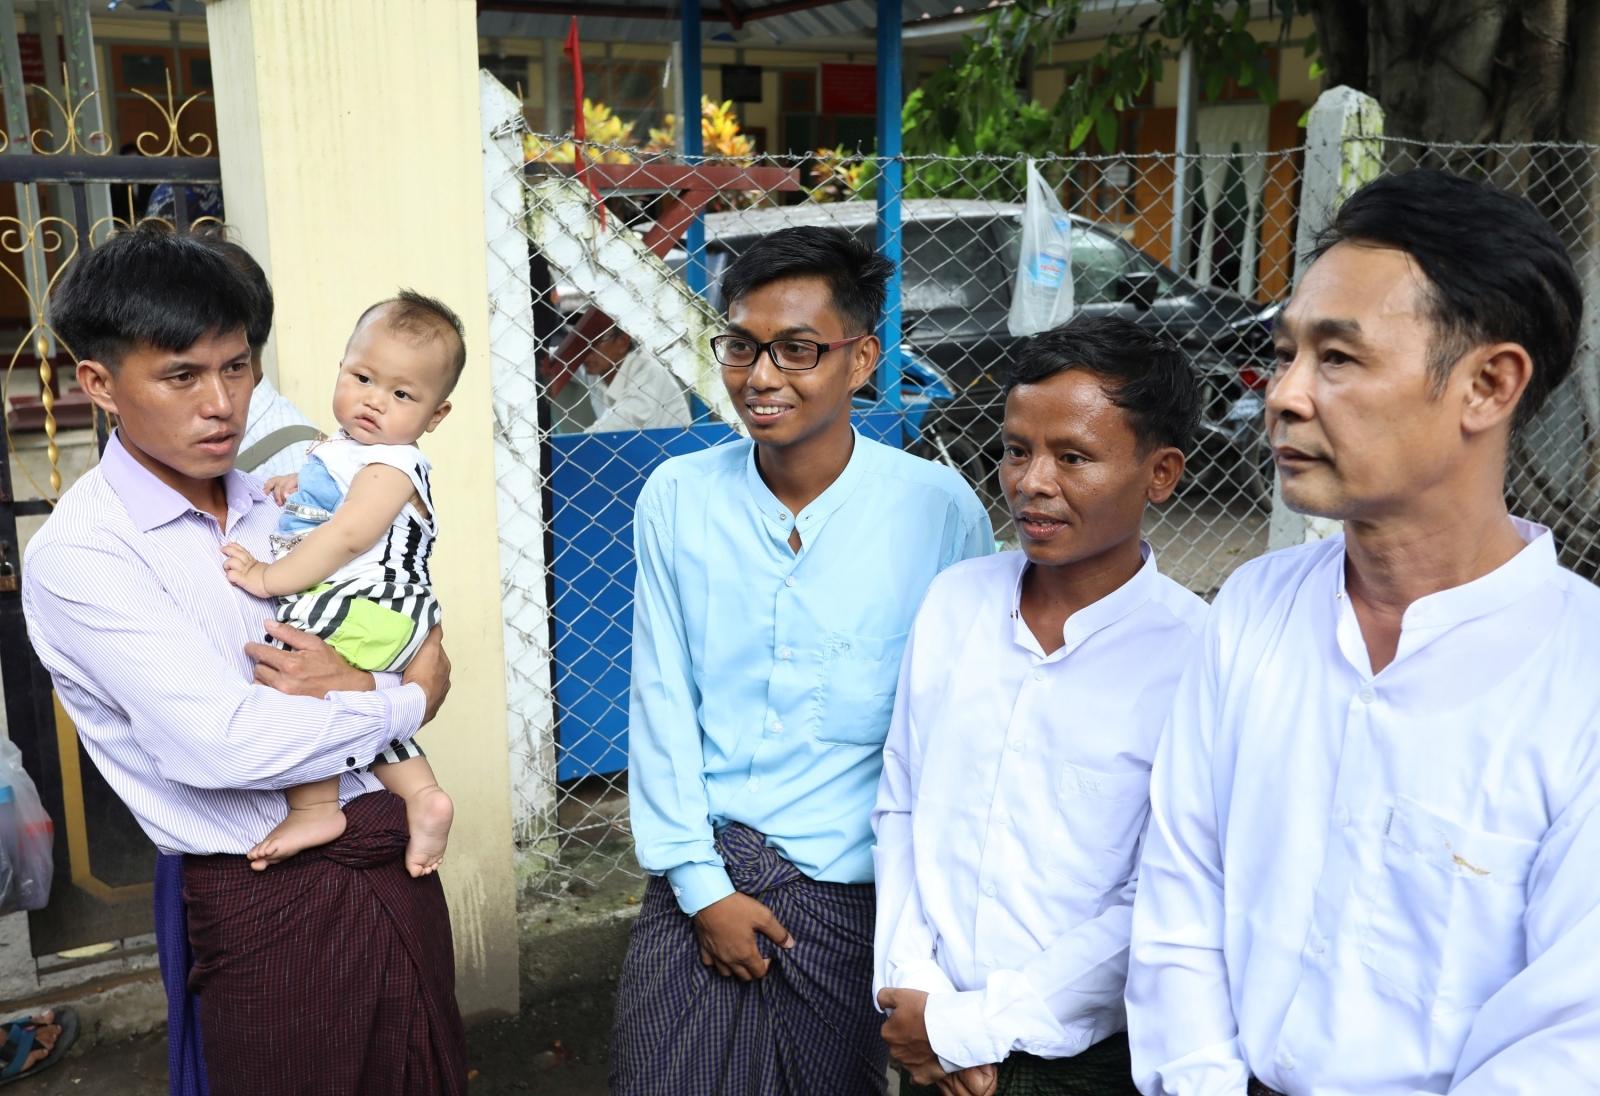 Myanmar journalists released